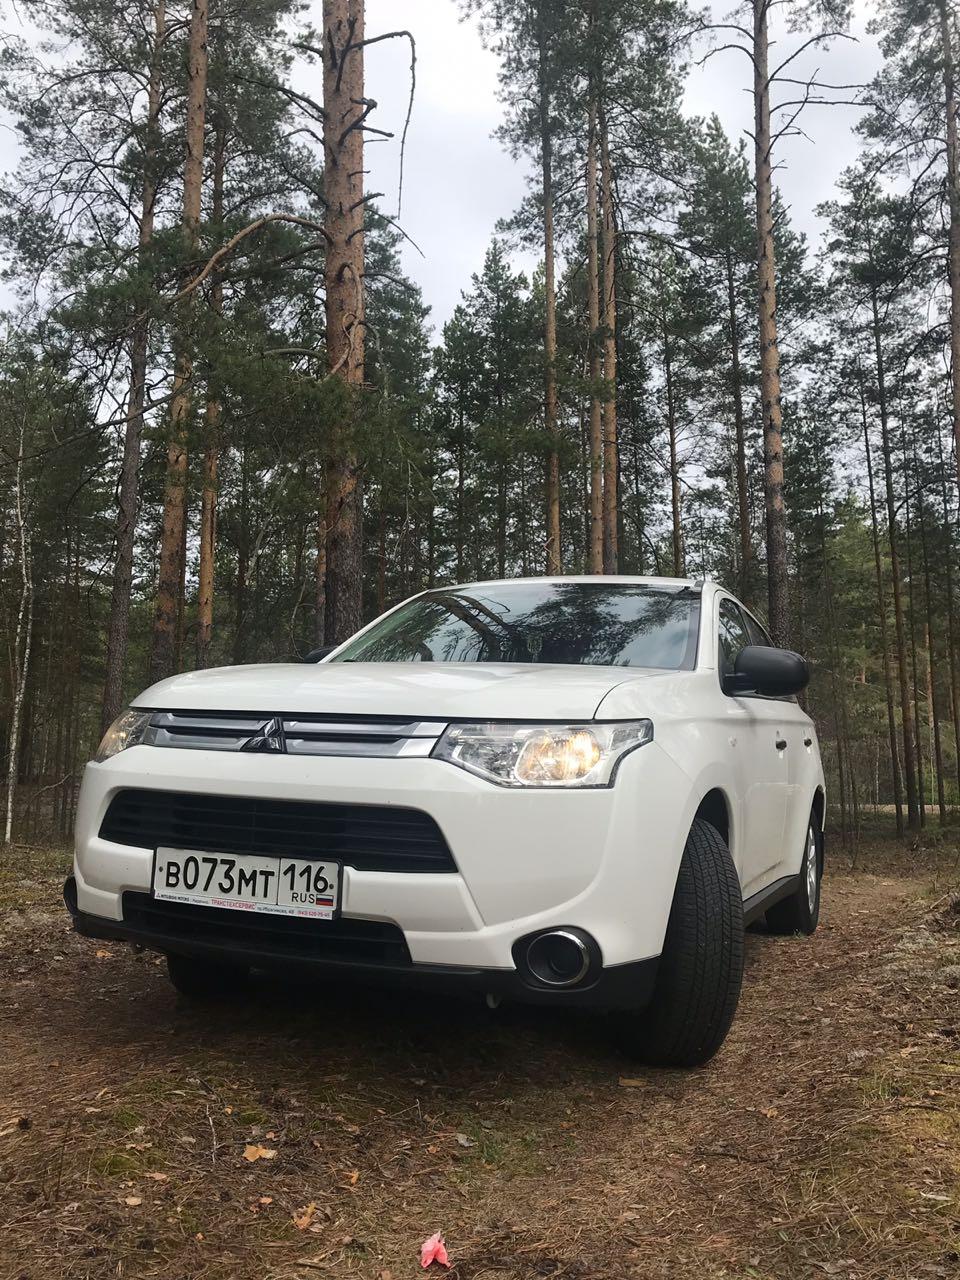 Митцубиси аулендр в Казани